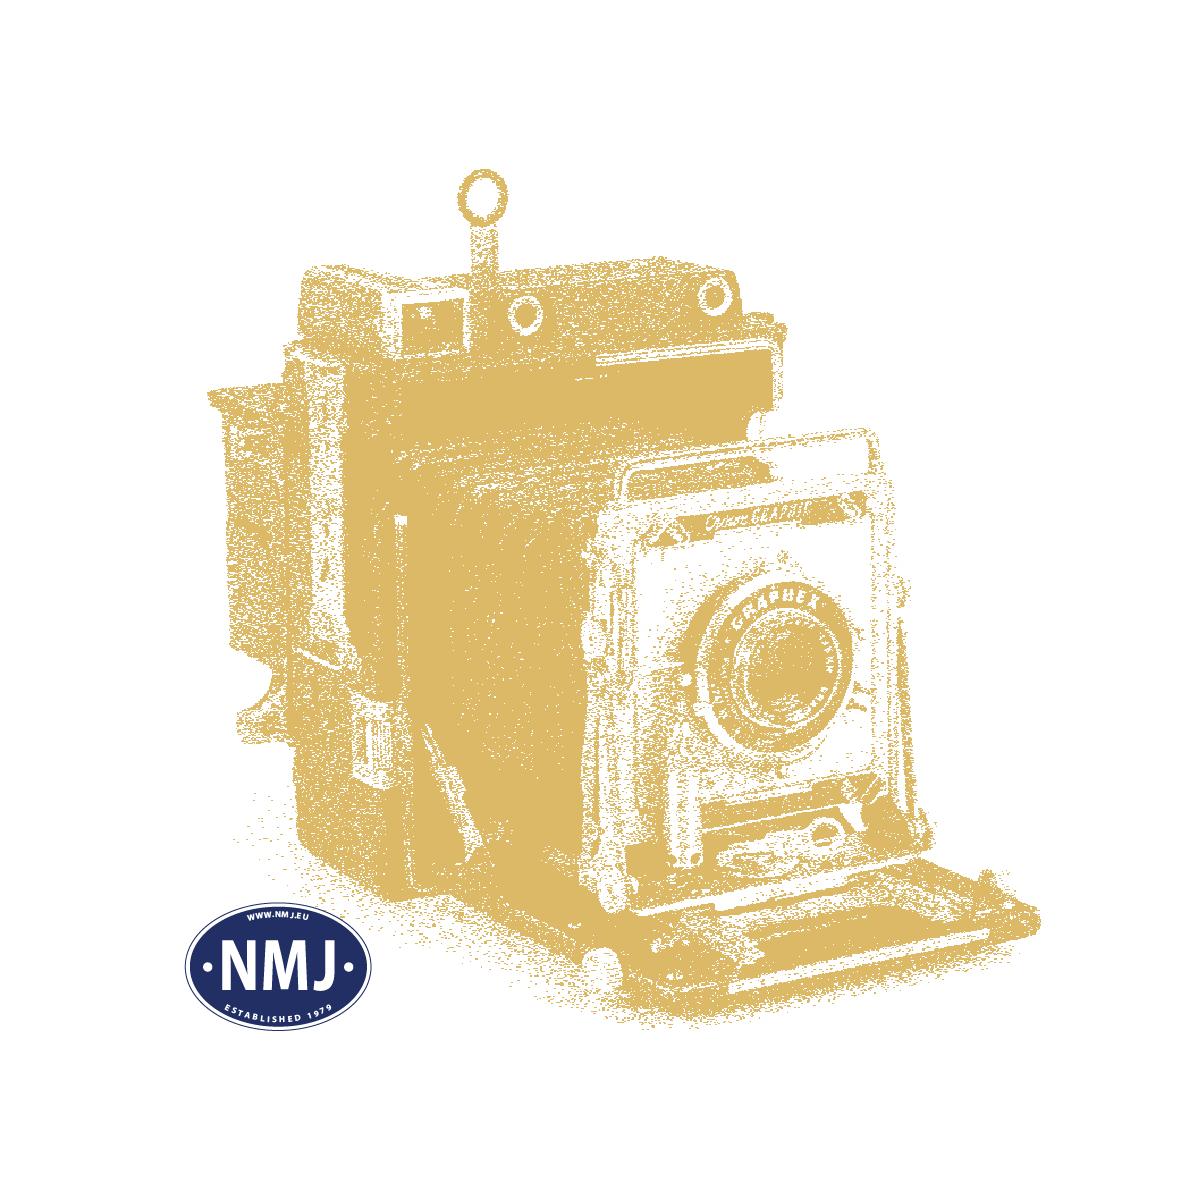 NMJT86.401AC - NMJ Togpakke: NSB El11 og 8 godsvogner, 1983-2002, AC Digital